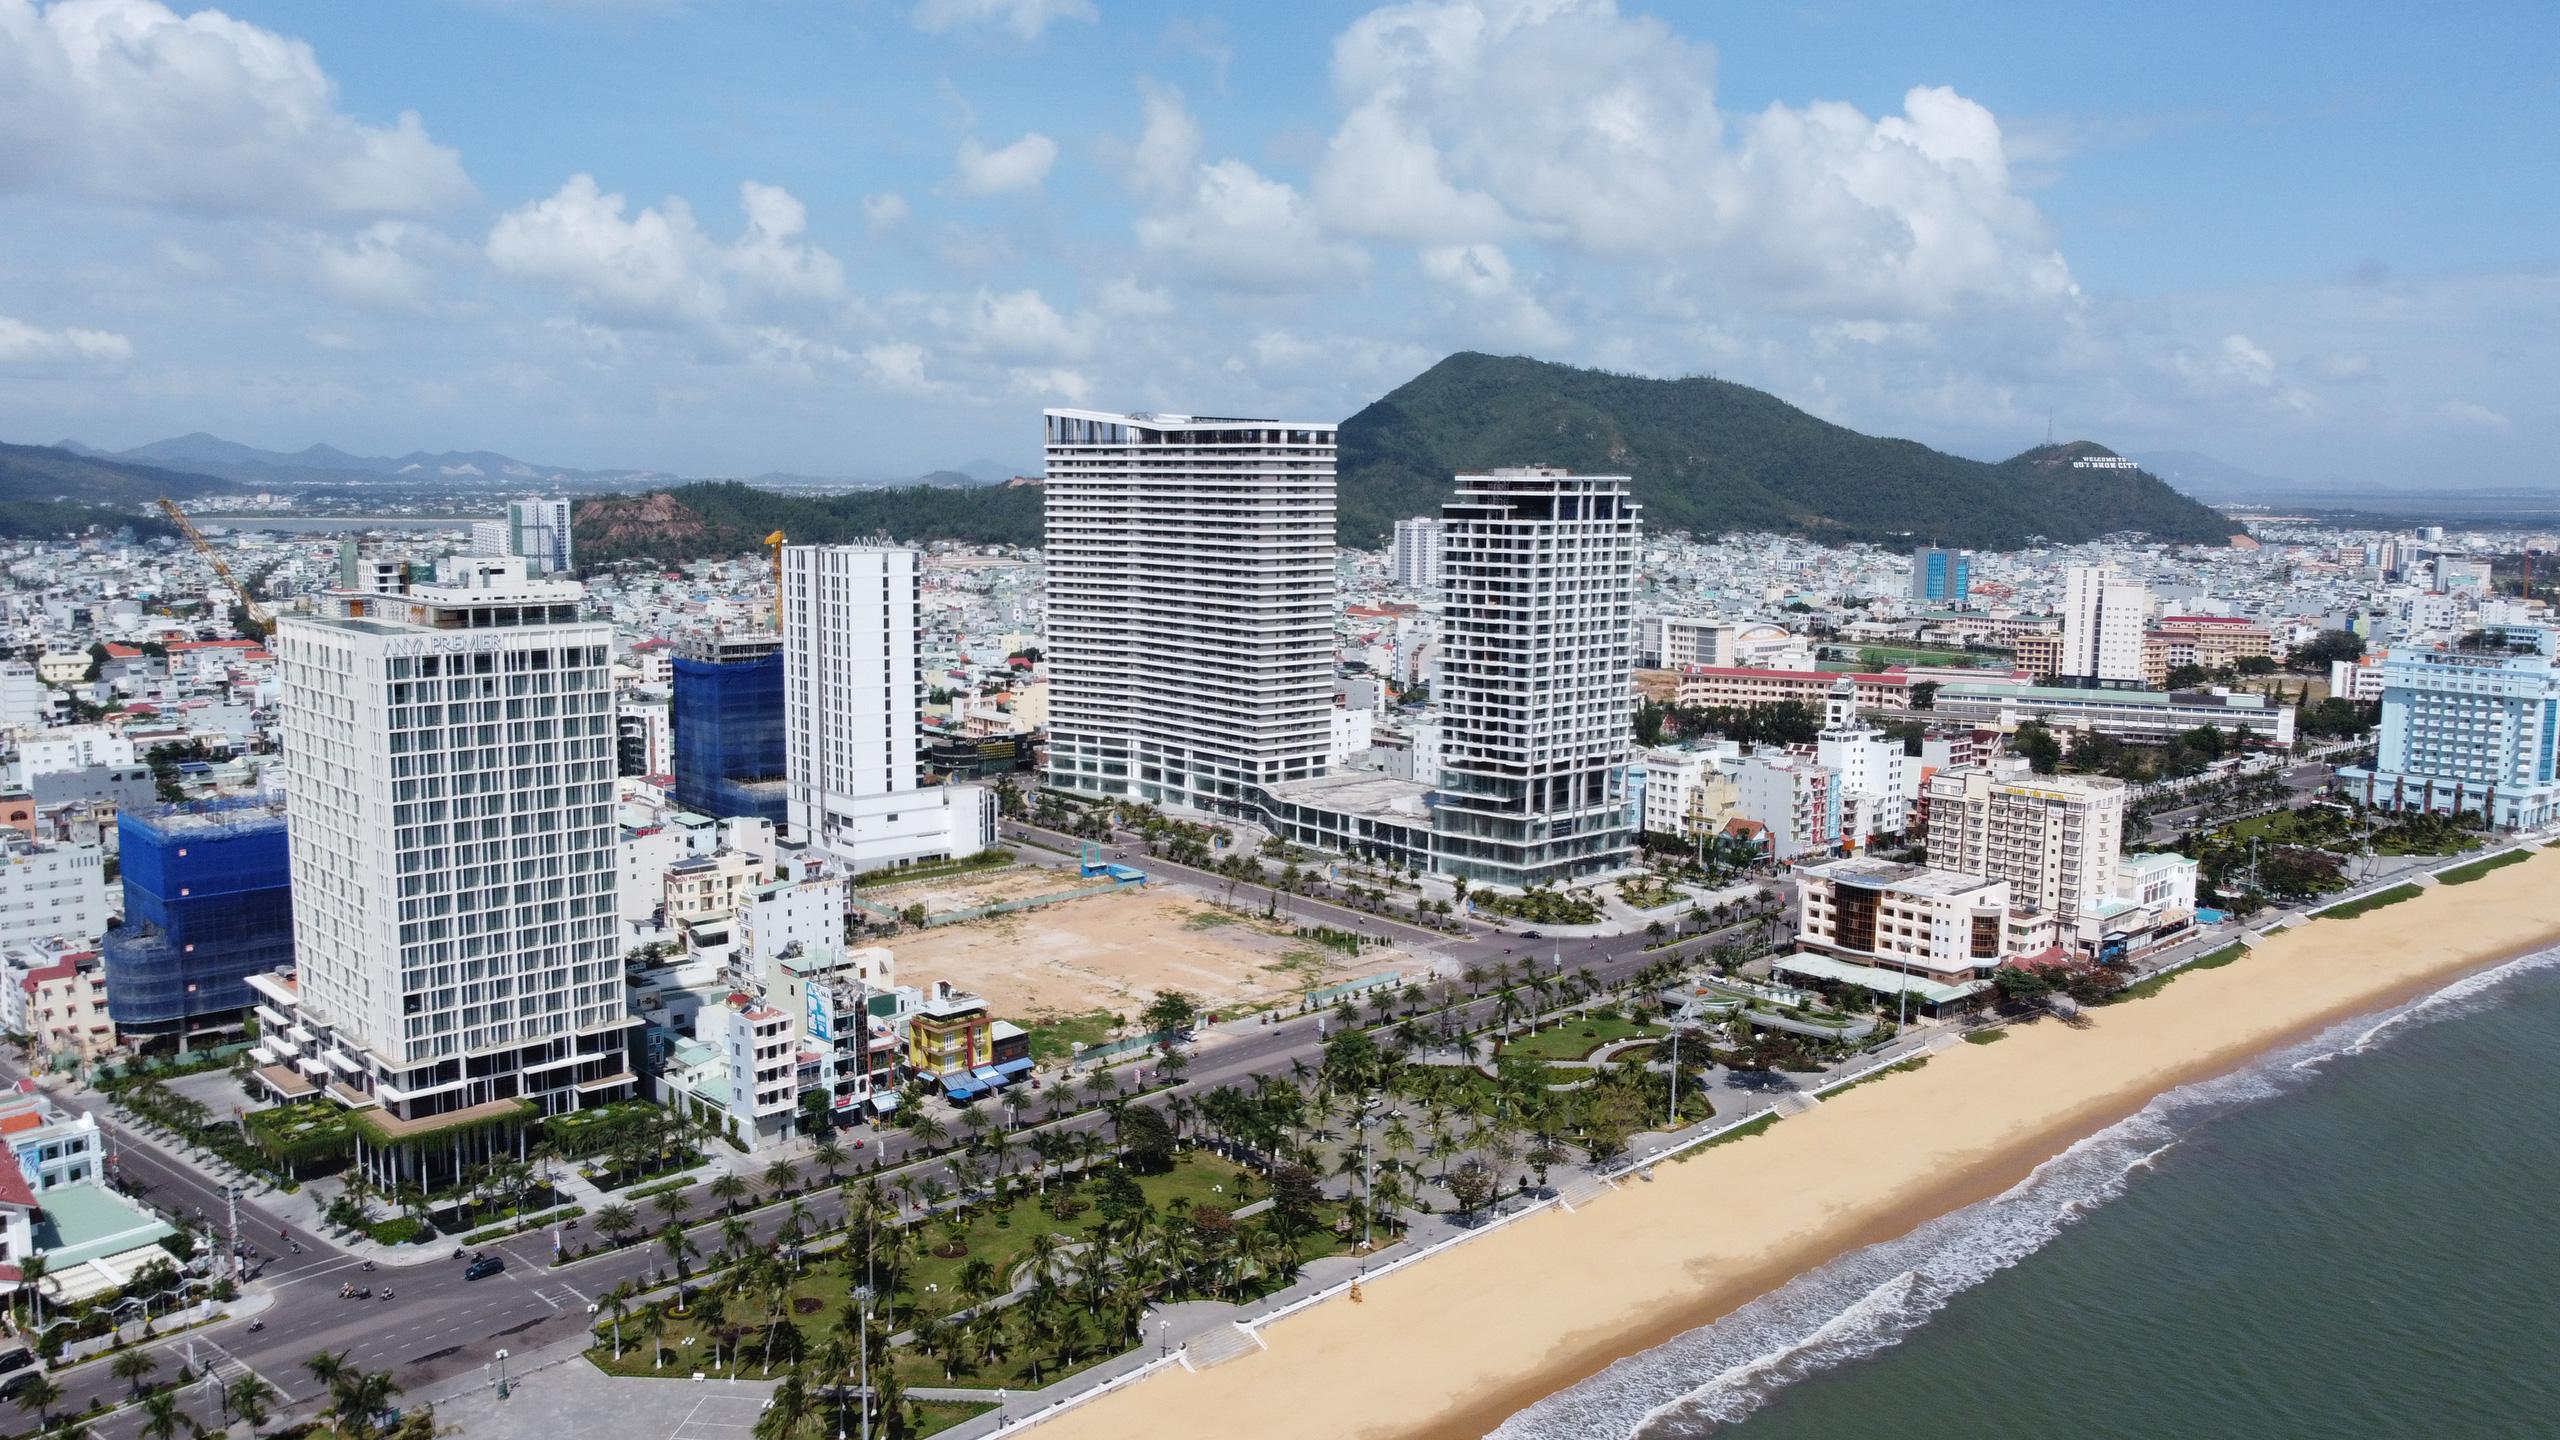 Hai tháng đầu năm 2021: Bình Định thu hút đầu tư hơn 23.700 tỷ đồng nhờ các dự án bất động sản - Ảnh 1.